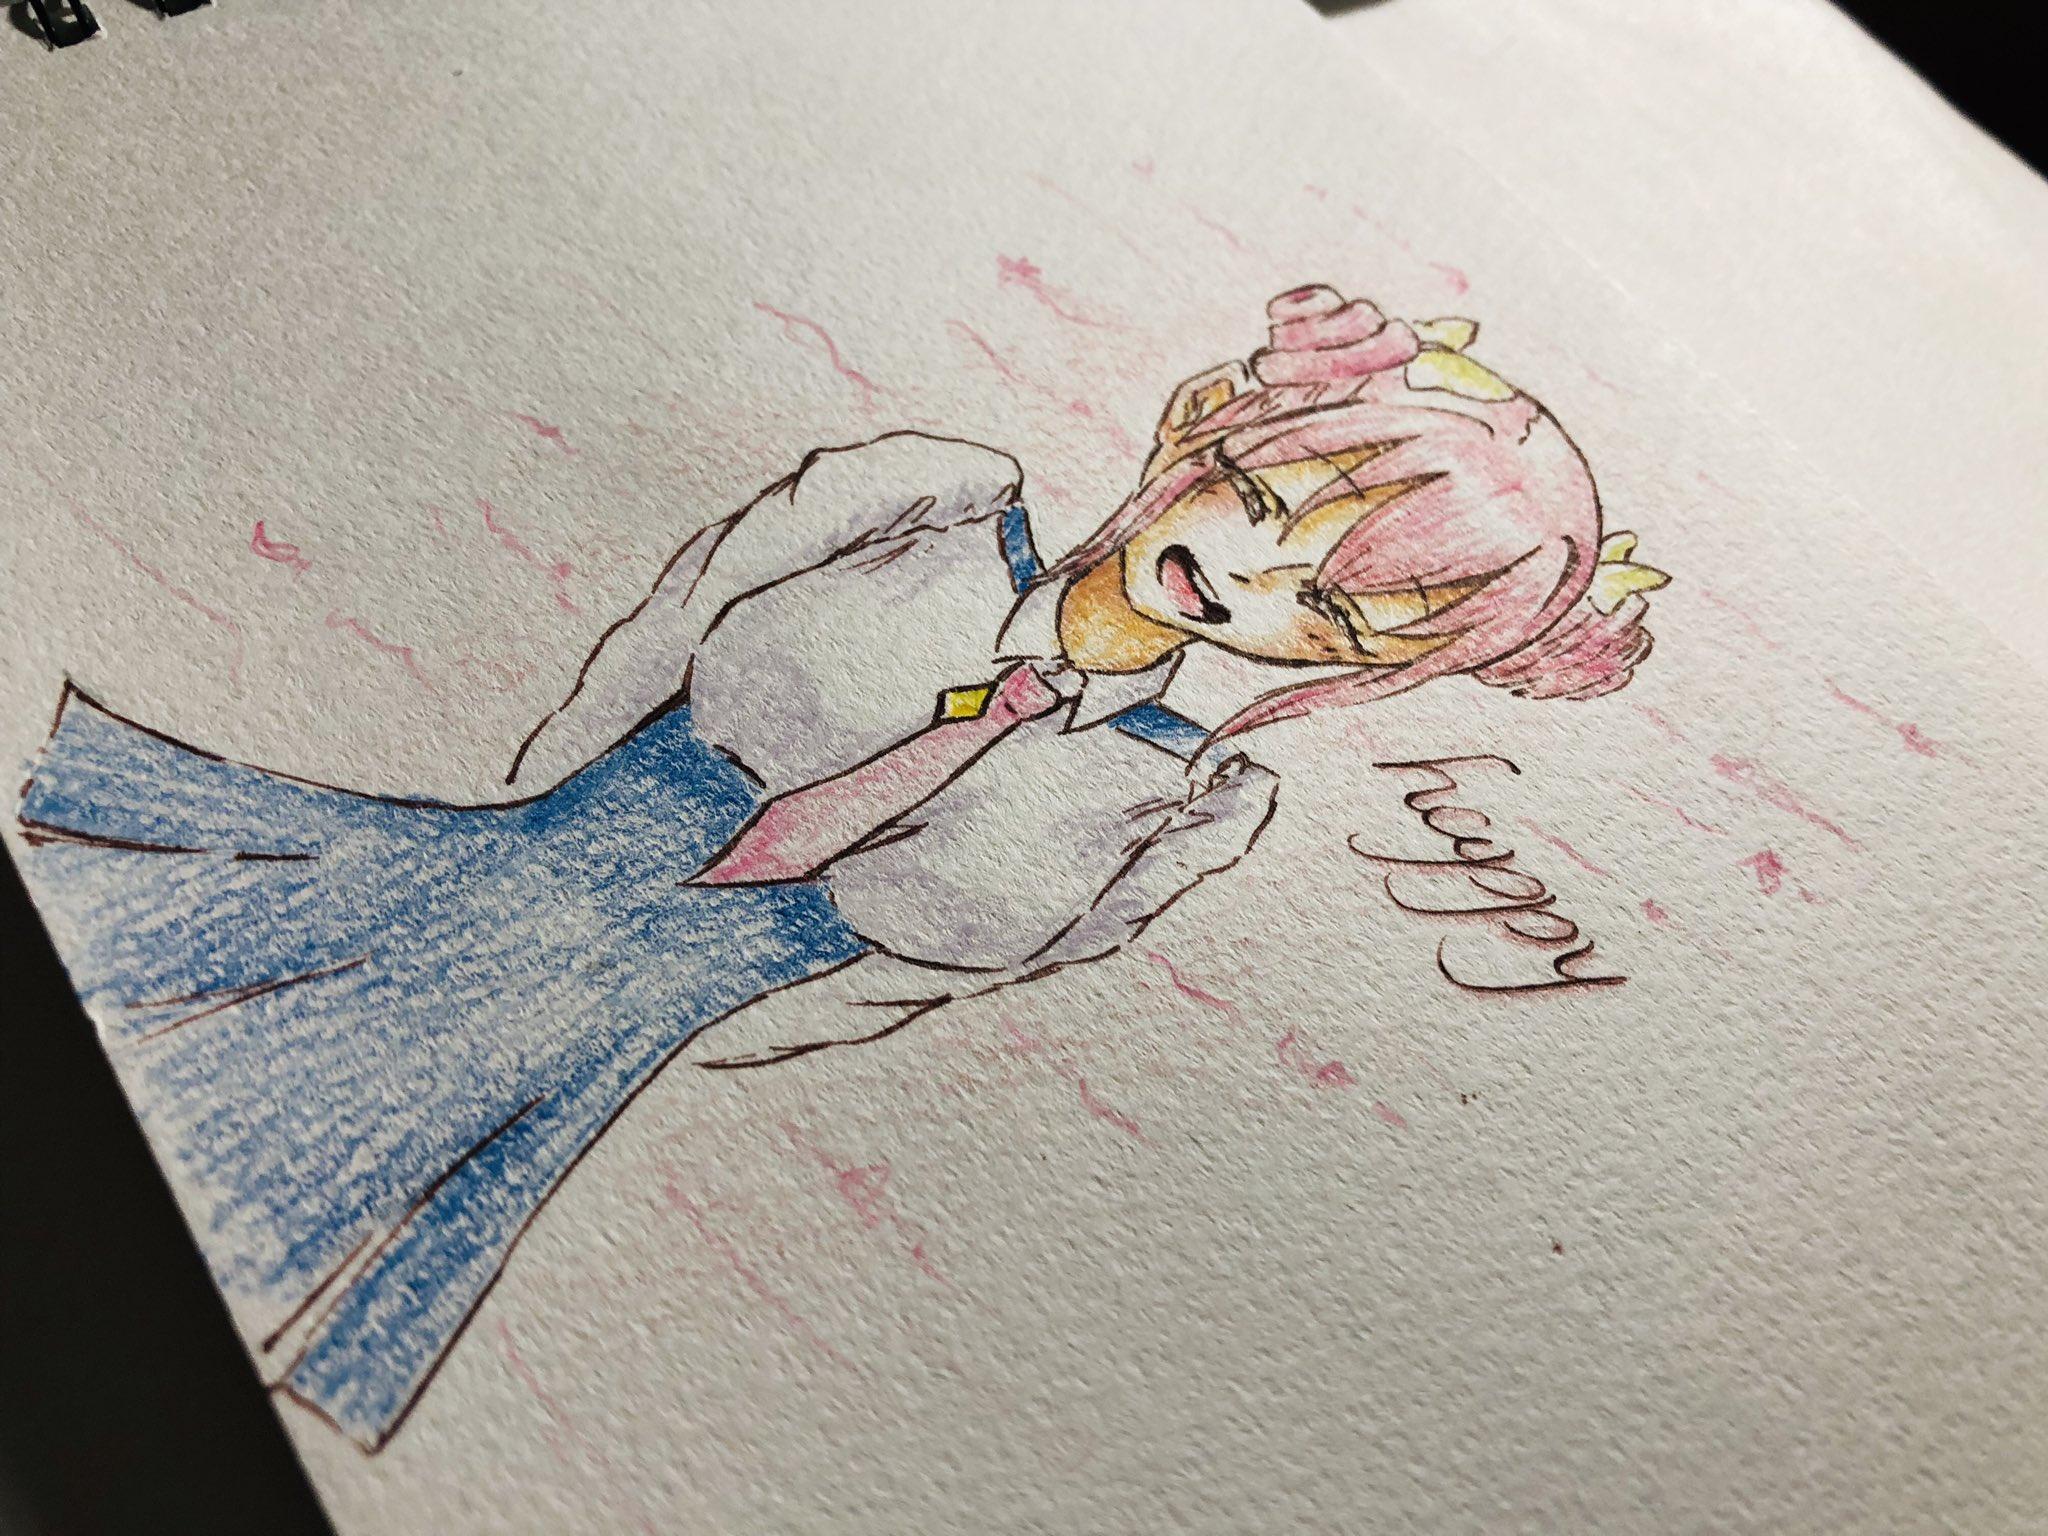 きゃきゃ。 (@KiraKiranemyu)さんのイラスト